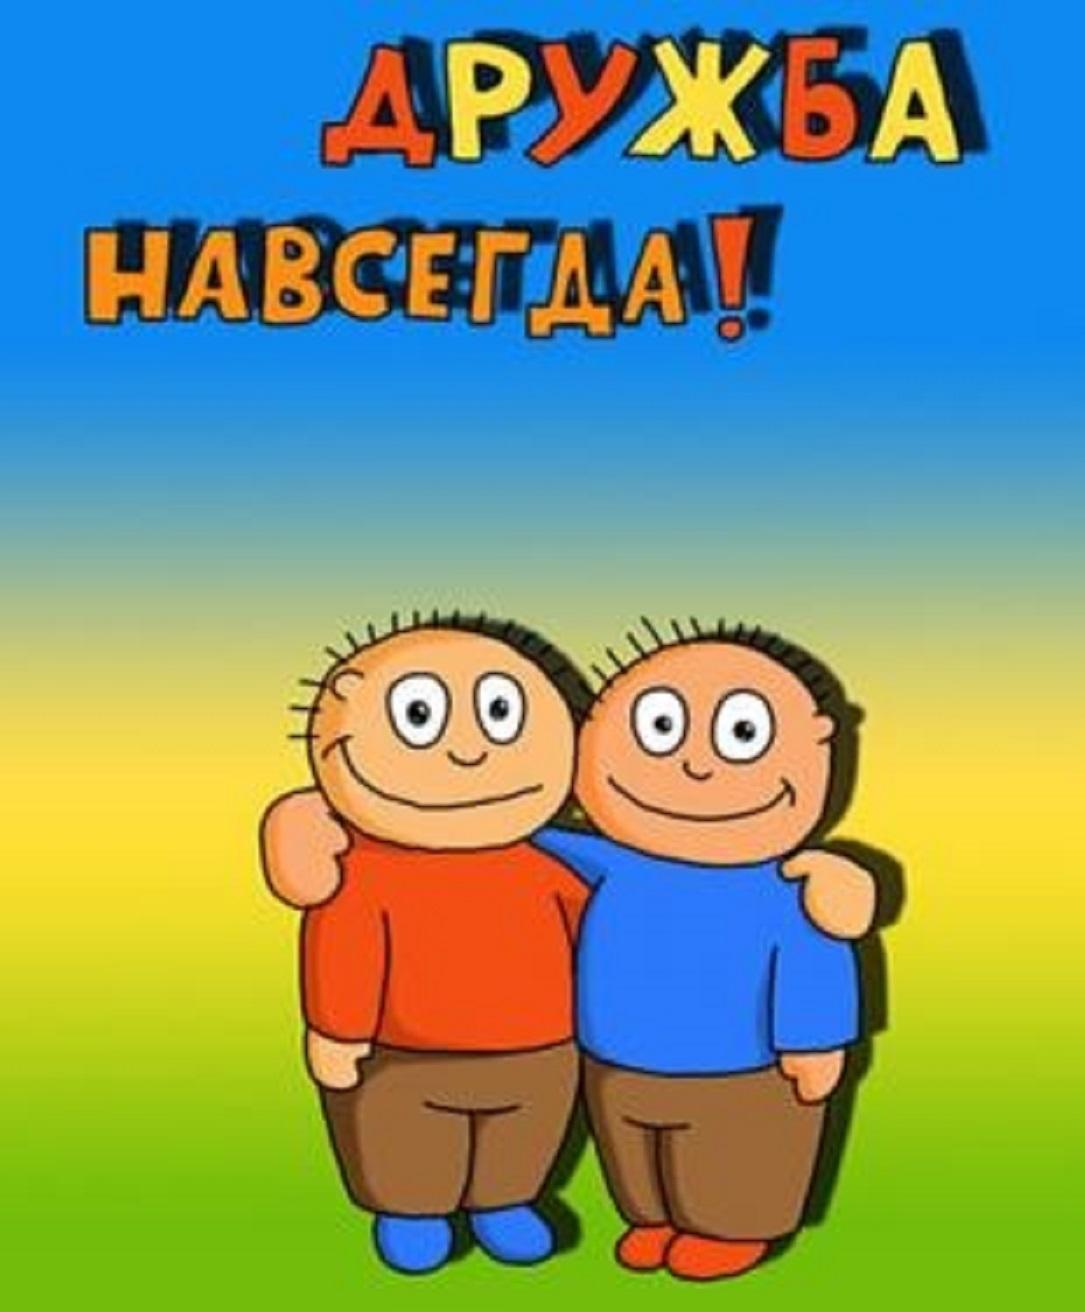 Прикольная открытка о дружбе